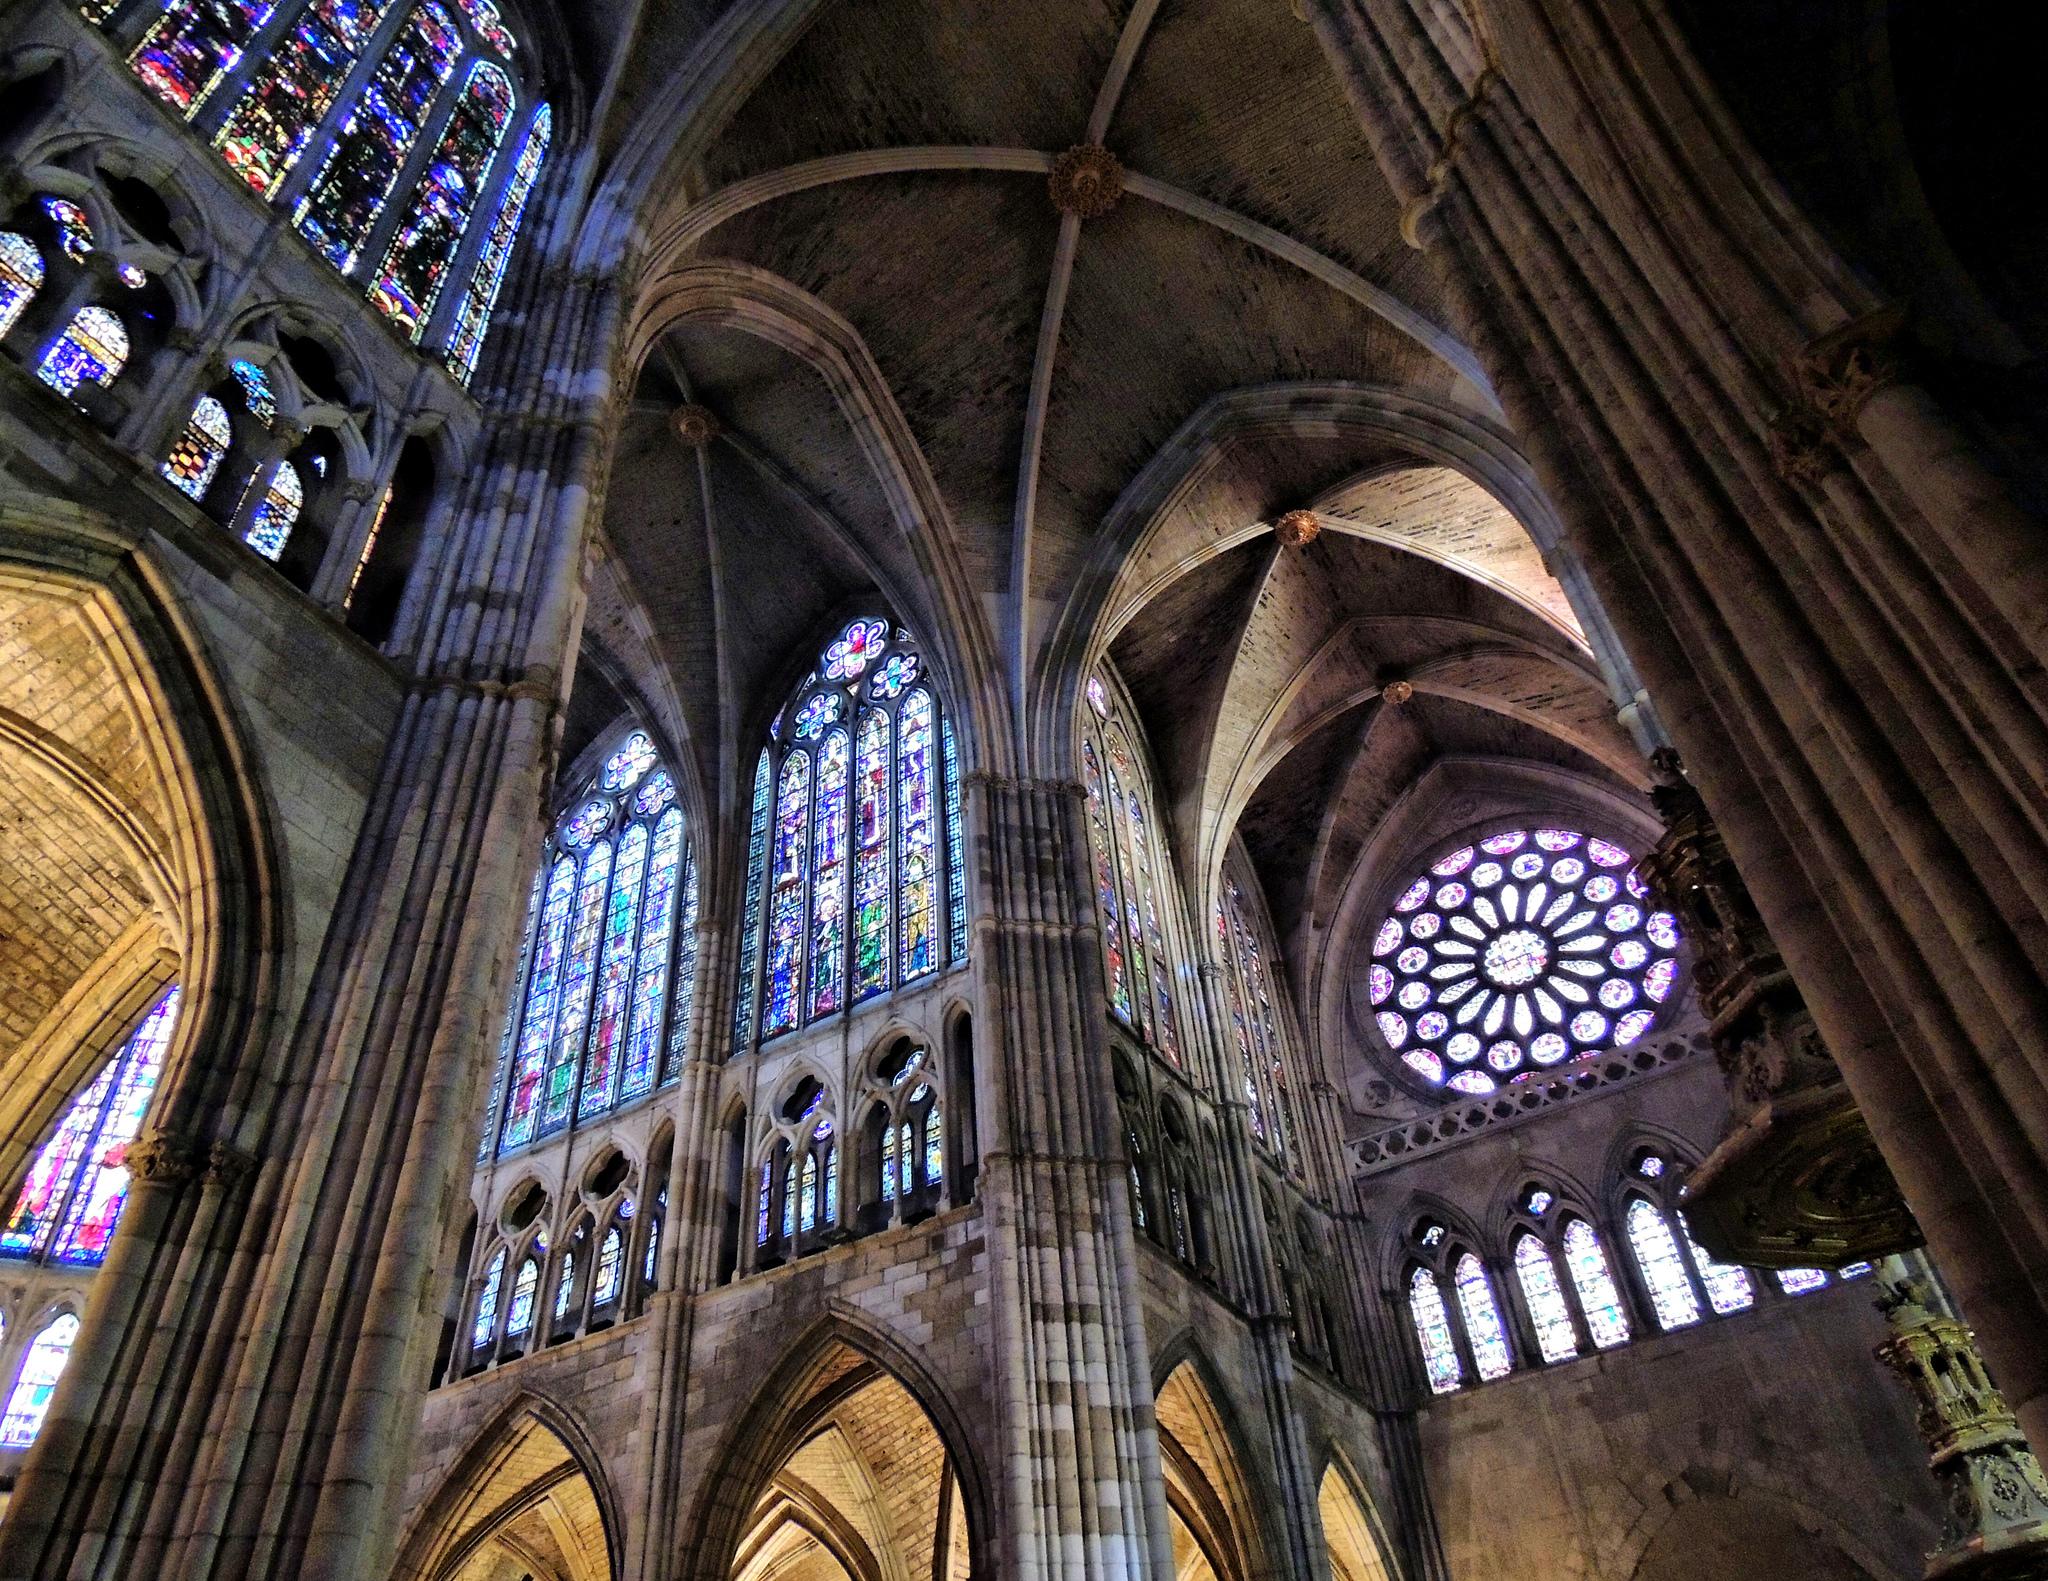 Crucero y transepto sur de la Catedral de León (Fotografía cedida por Jose Luis Cernadas Iglesias)